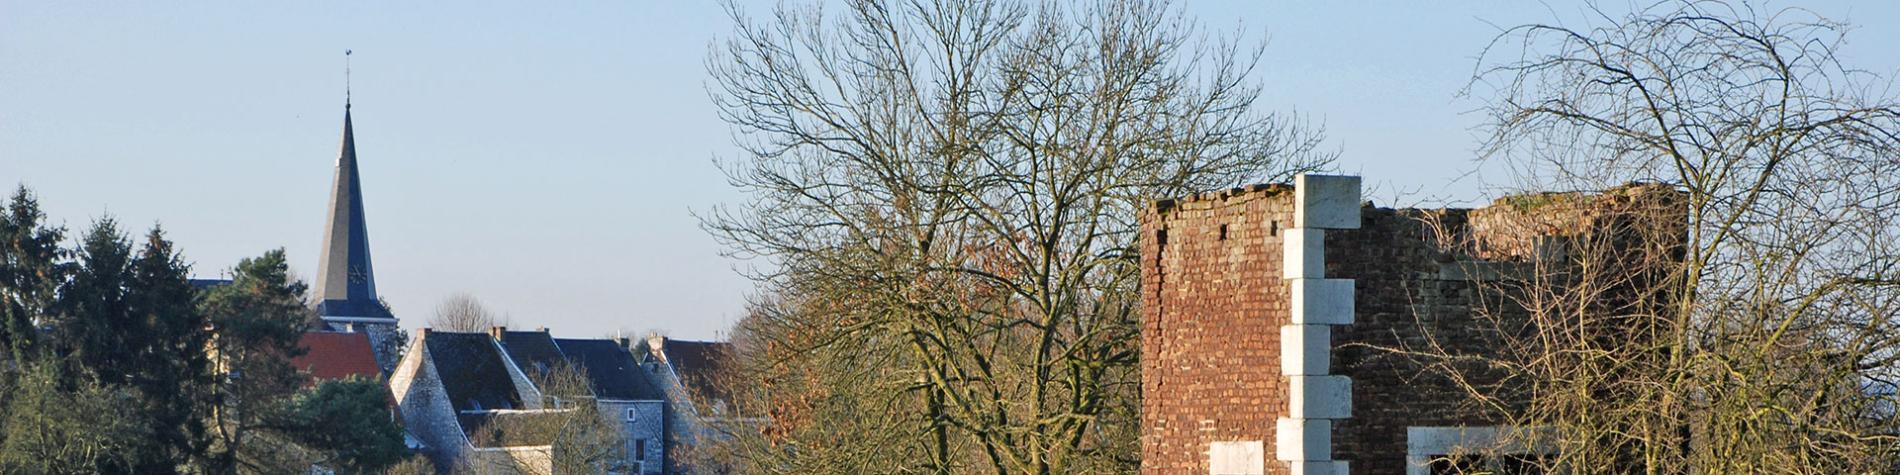 Les plus beaux villages de Wallonie - Olne